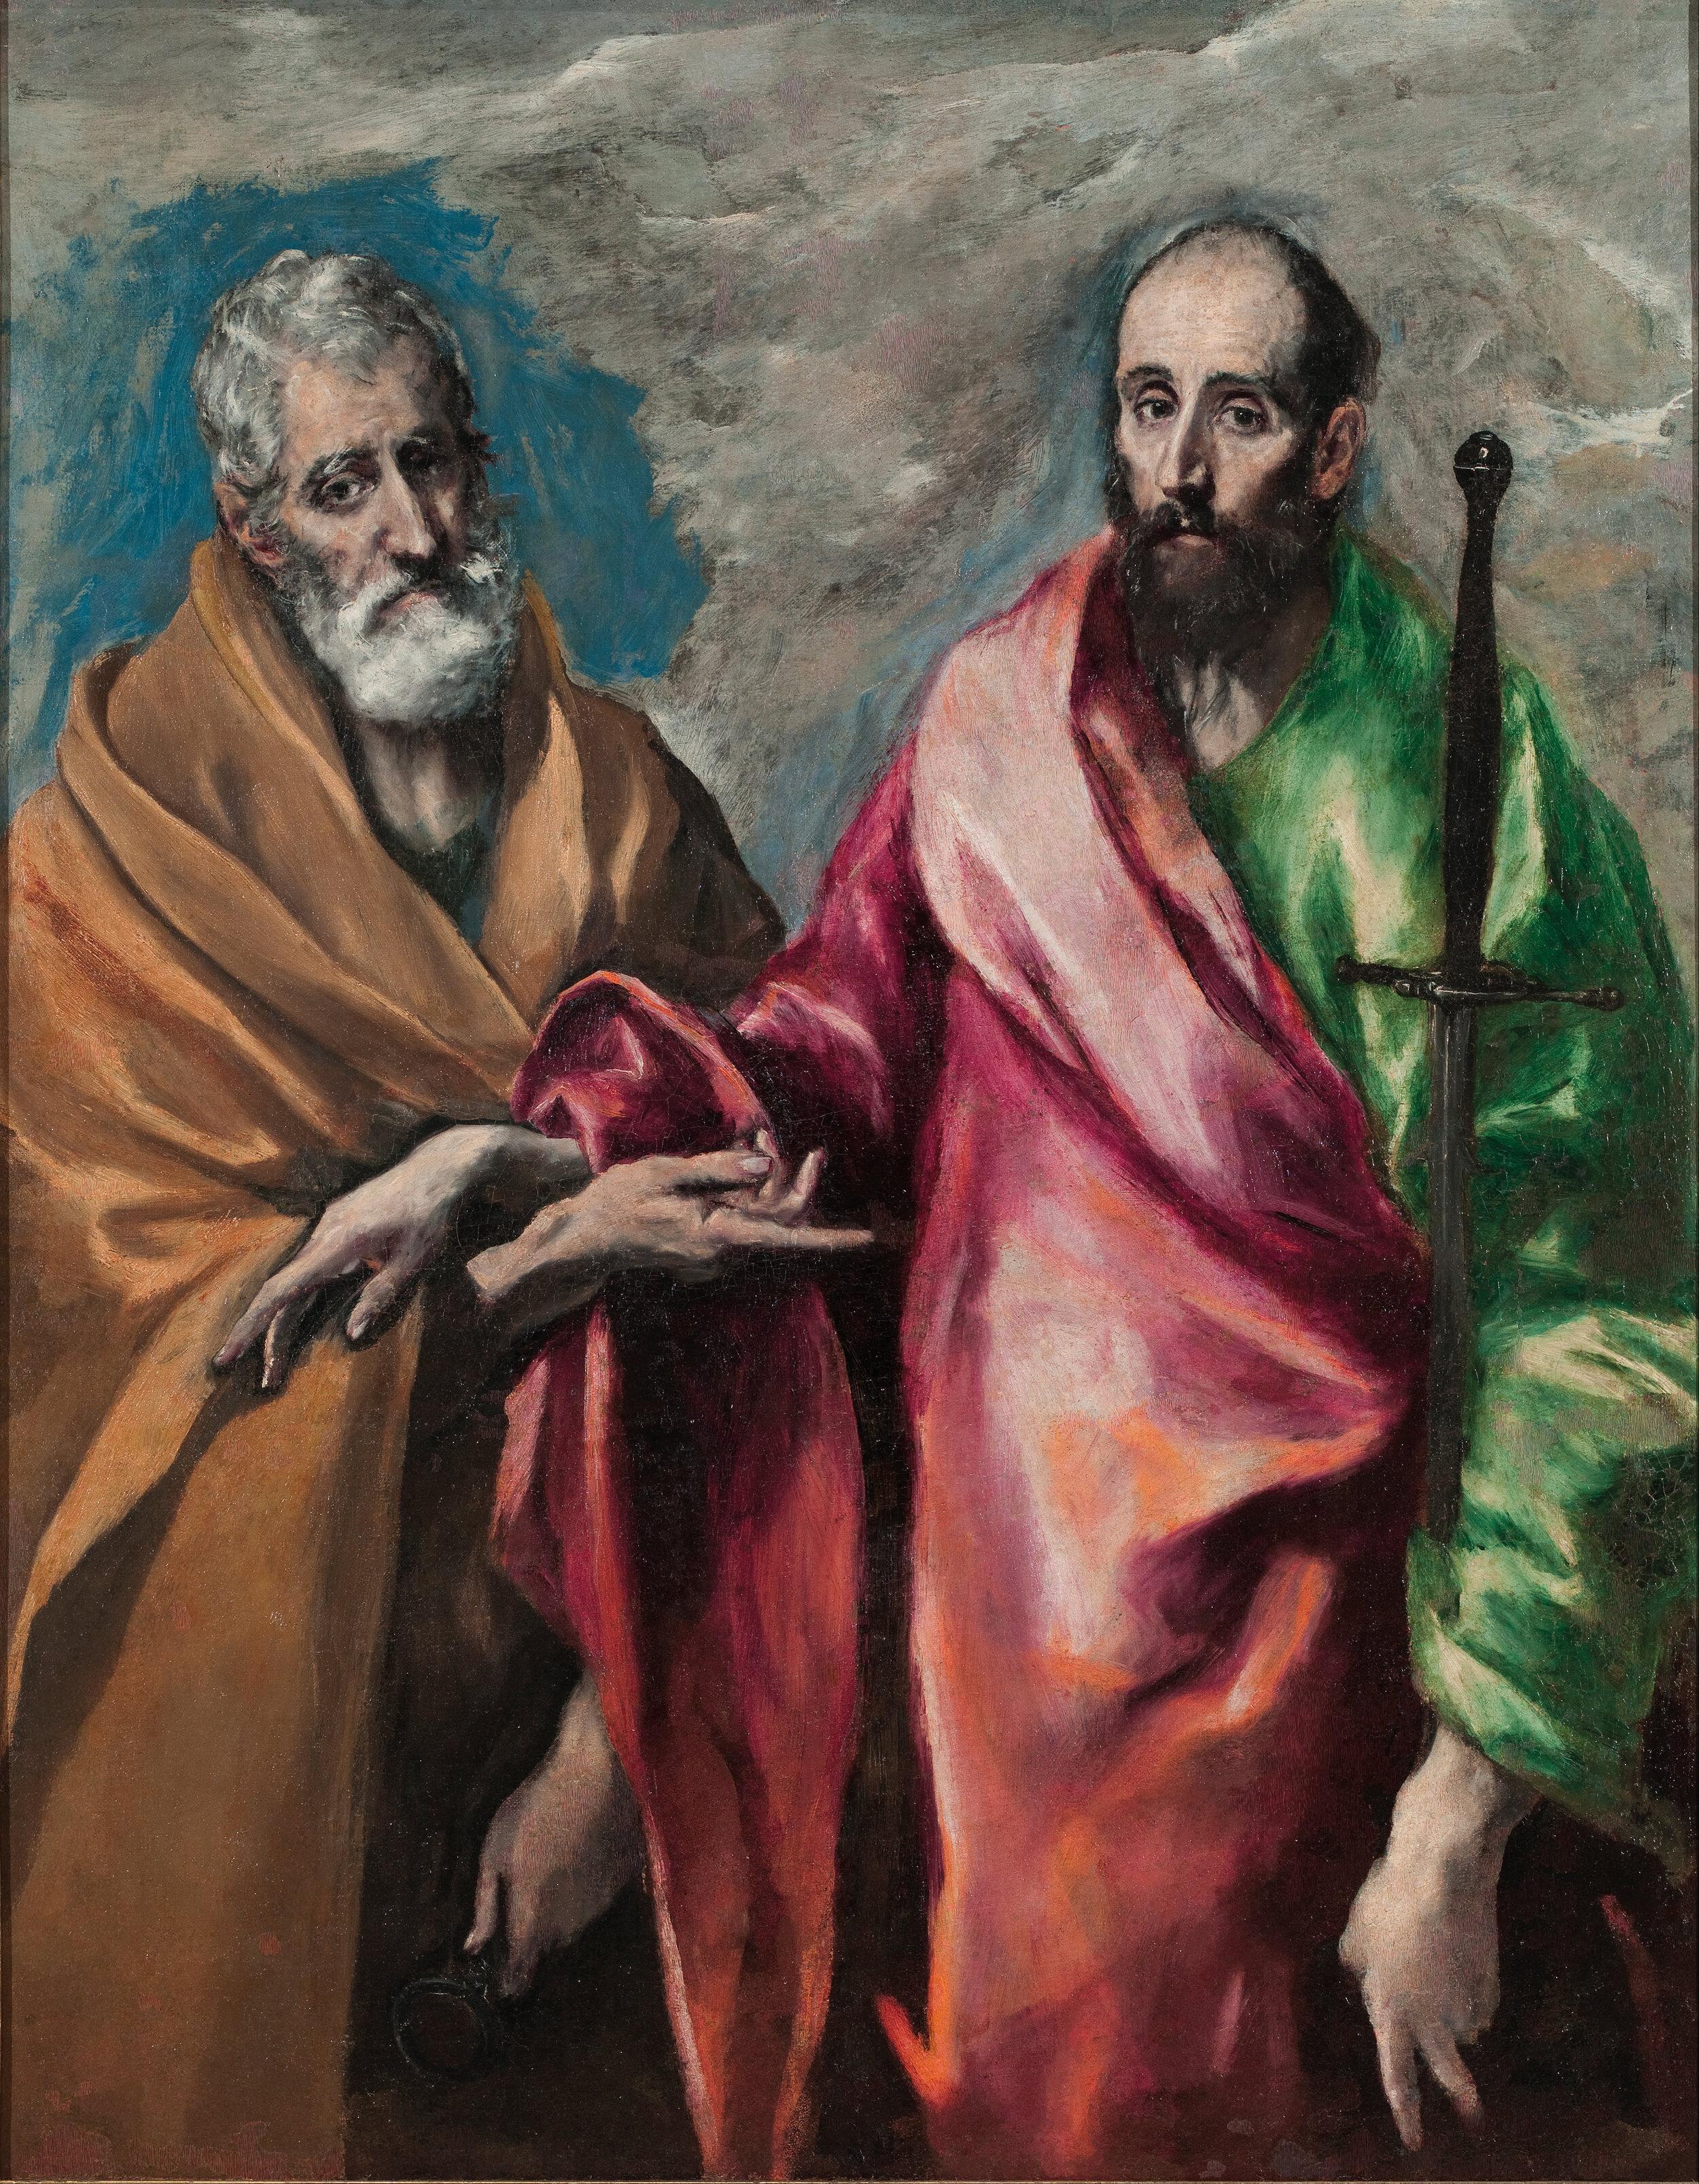 Image credit: El Greco via Wikipedia